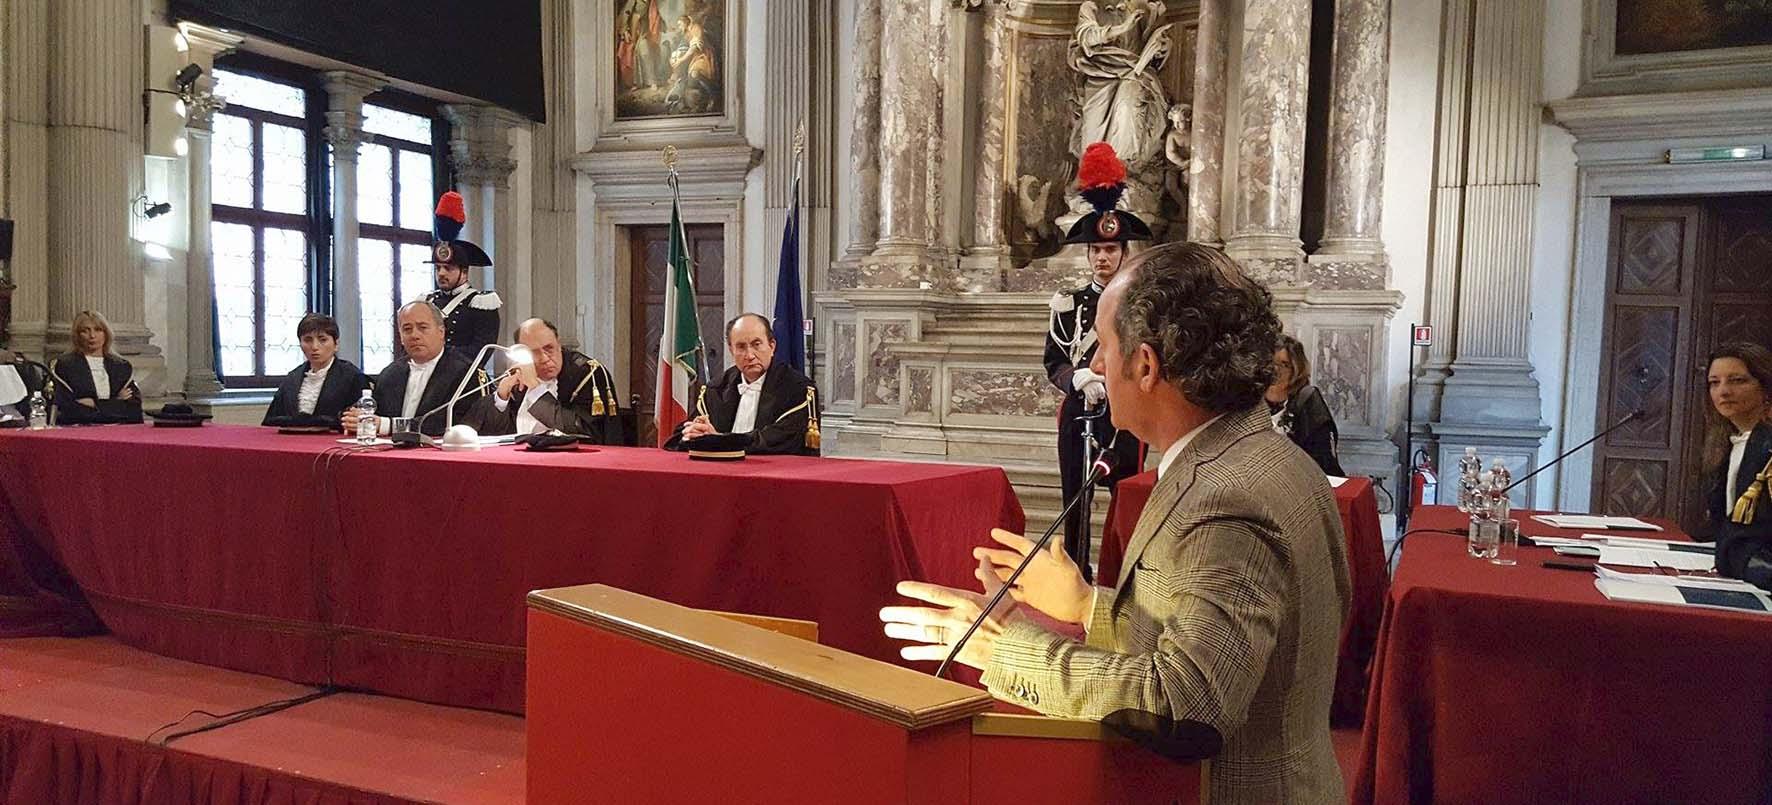 CORTE DEI CONTI Veneto inaugurazione anno giudiziario 2016 Carlino Scarano Zaia